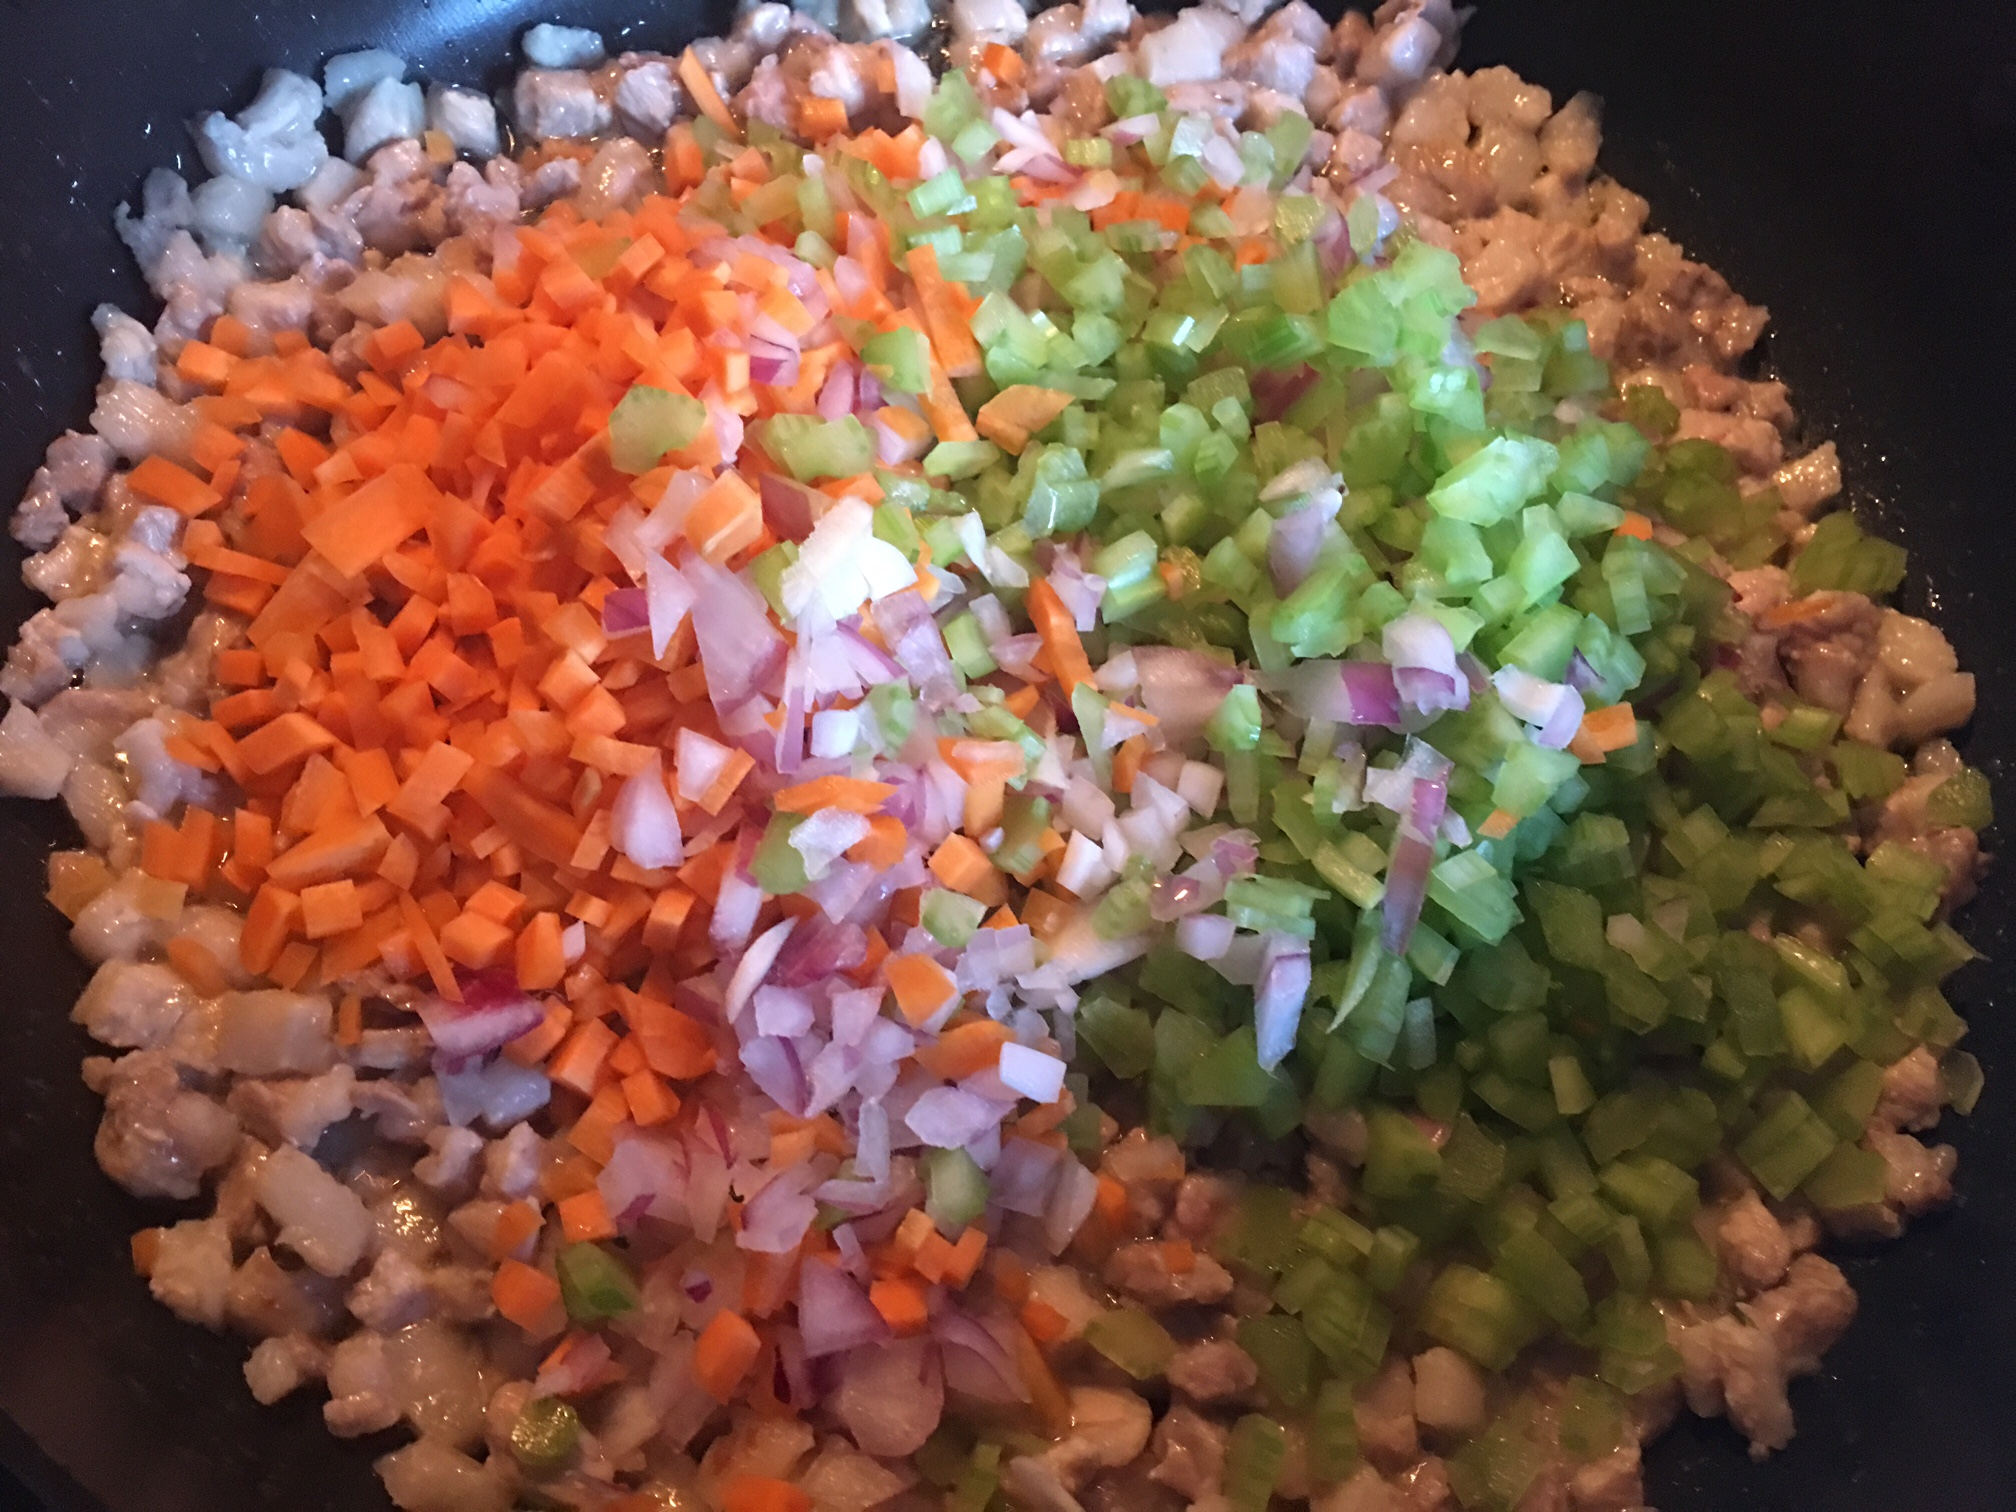 Ragu alla Bolognese mit dem ausgelassenen Schweinebauch und dem frischen Gemüse.